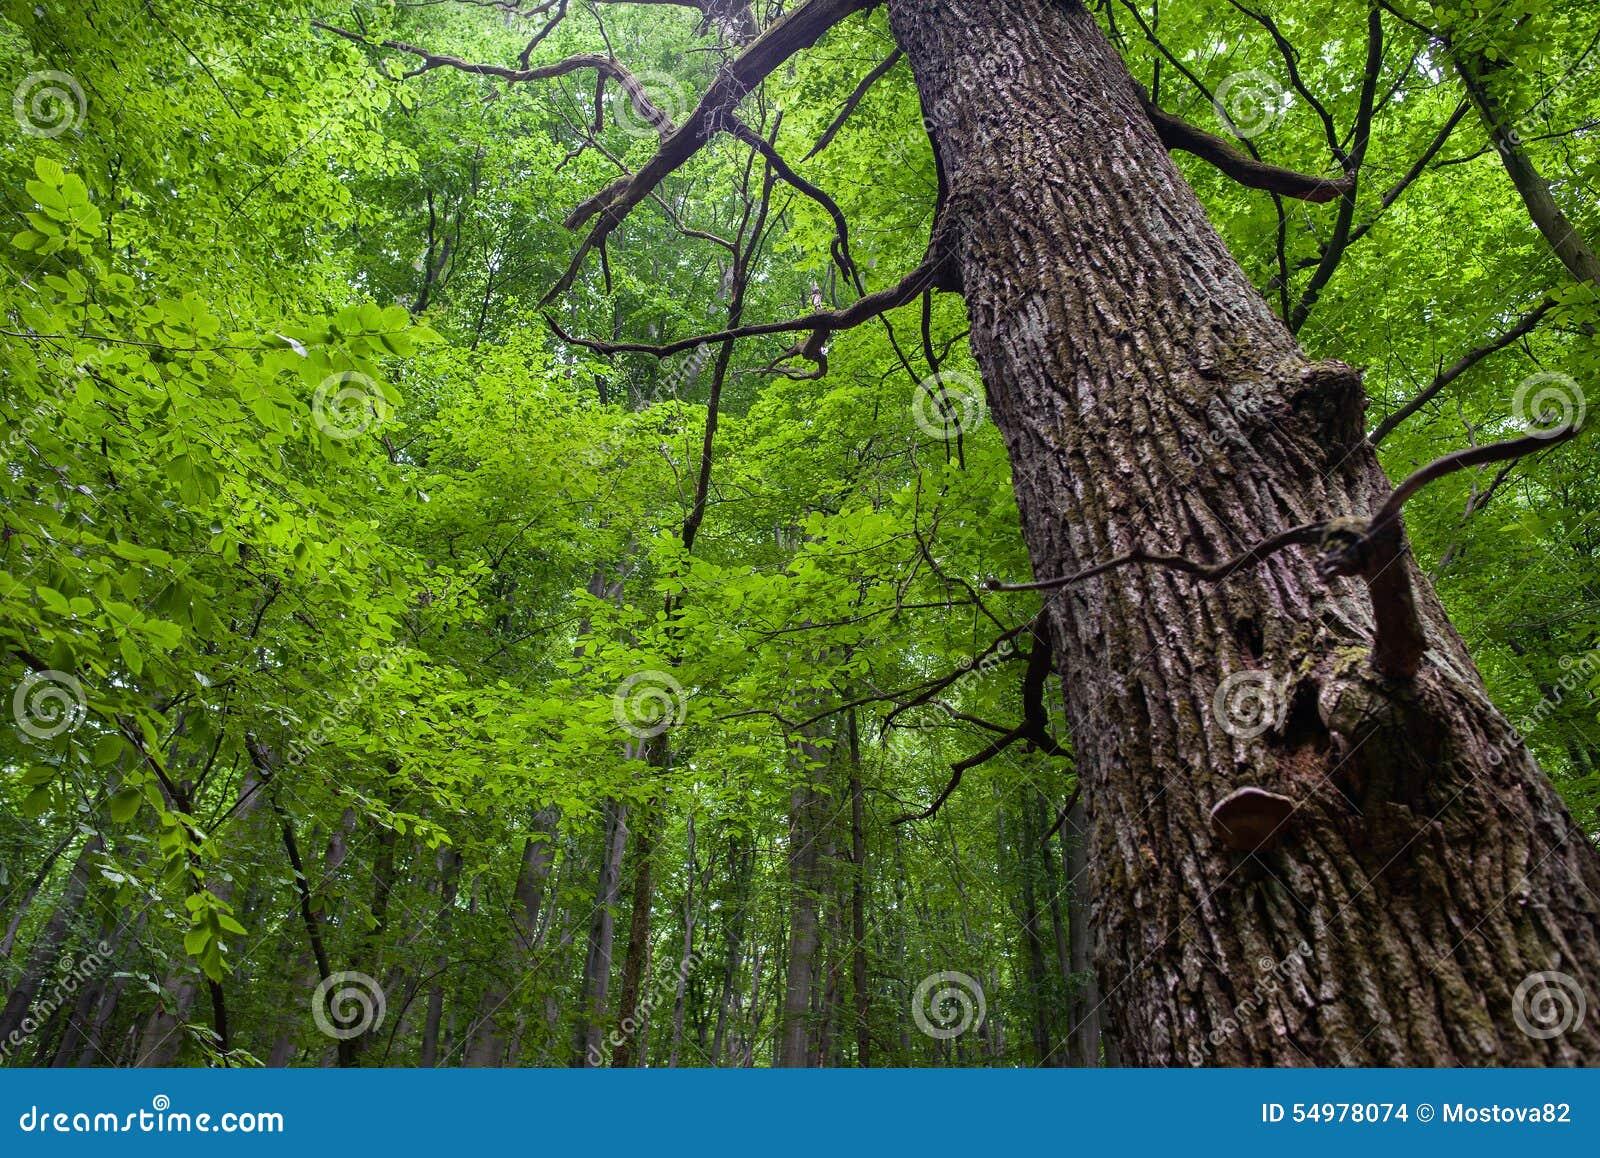 Tronc de chêne sur une forêt à feuilles caduques